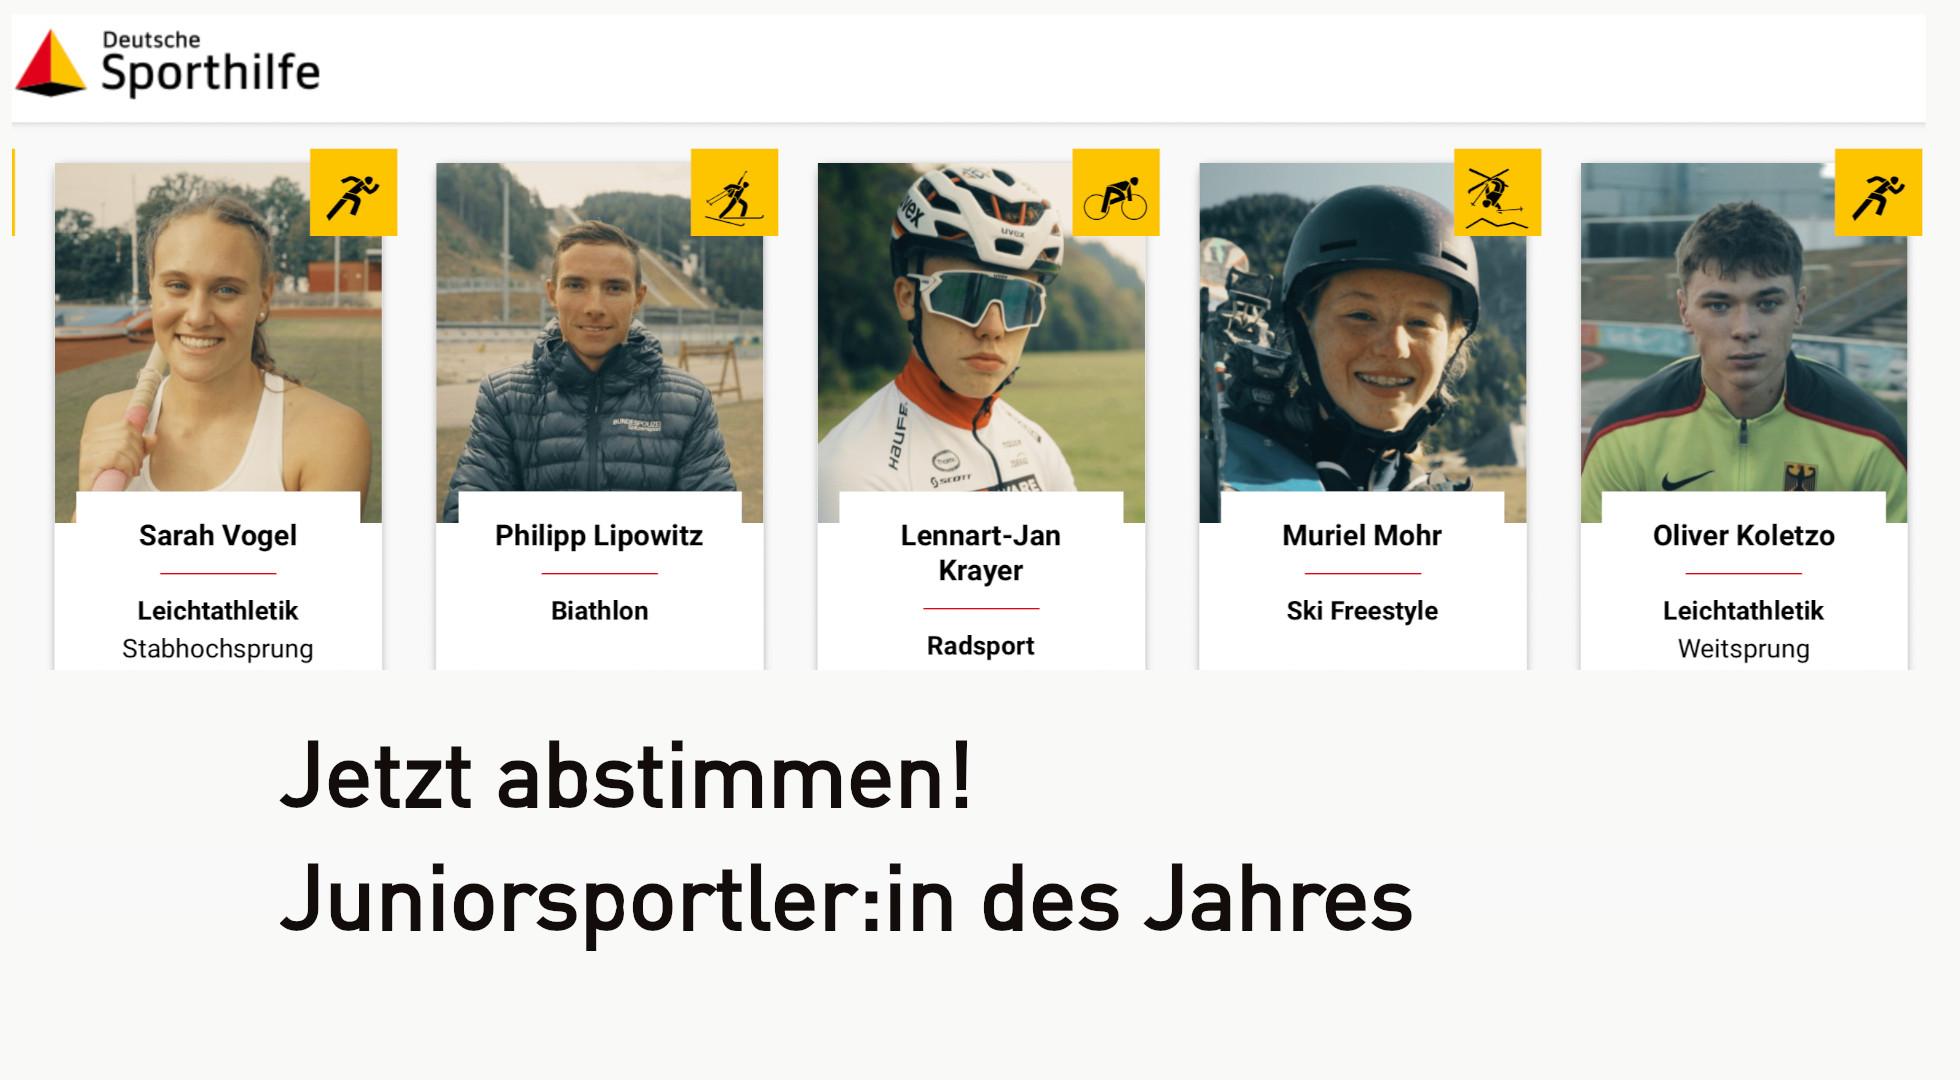 """Wer wird """"Juniorsportler:in des Jahres"""" 2021?"""